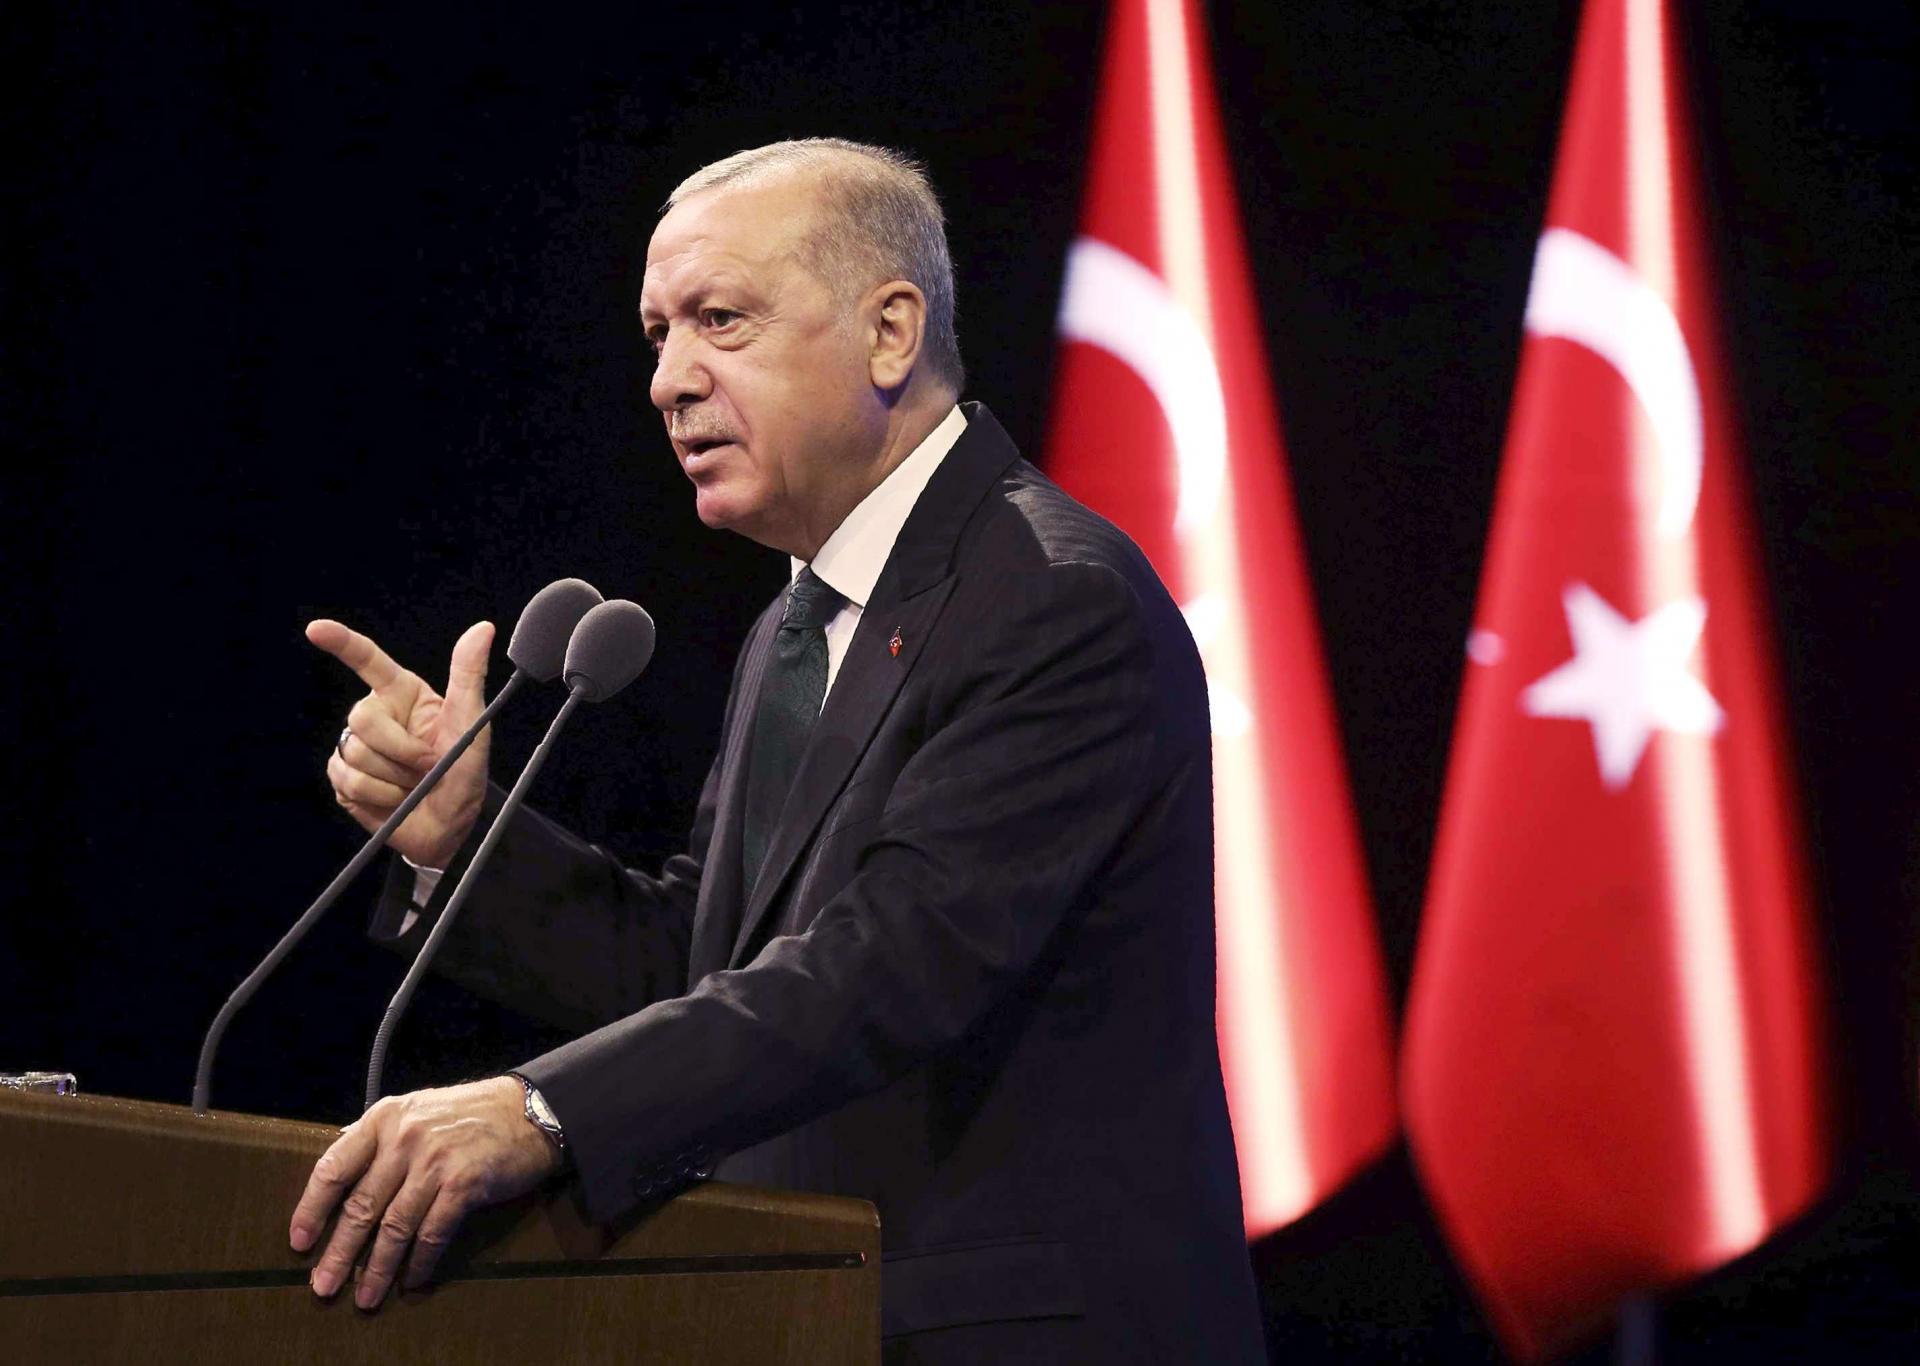 """Türkiye'de de çok sayıda varlığa sahip olan şirket, 2007 yılında en dikkat çekici 160 milyon dolarlık alım olan Türk bankasına yaptığı yatırımın yüzde 34,3'ünü gerçekleştirdi.NBK da önemli firmaların hisselerini satın aldı ve aralarında Dünya Göz Hastaneleri, Yodom Gıda, Aras Kargo, Dim İlaç ve Kılıç Deniz olduğunu belirtti. Eyalette şirket hisselerini satarak çıkışını duyuran şirket, """"Yatsan, System-9, Perko ve Bavet Chemical'ın portföyü Türkiye'de kaldıysa, Temmuz 2012'de NBC'nin işlettiği Buffett'in pazardaki mülkleri bünyesine yüzde 50 hisse kattı ve ortaklık sona erdi. Buffett geçen hafta National Bank of Kuwait'in kontrolündeki yüzde 50 hisseyi geri aldı ve böylece 8 yıl sonra National Bank of Kuwait, Turkish Buffett Company'den çıkışını tamamladı."""